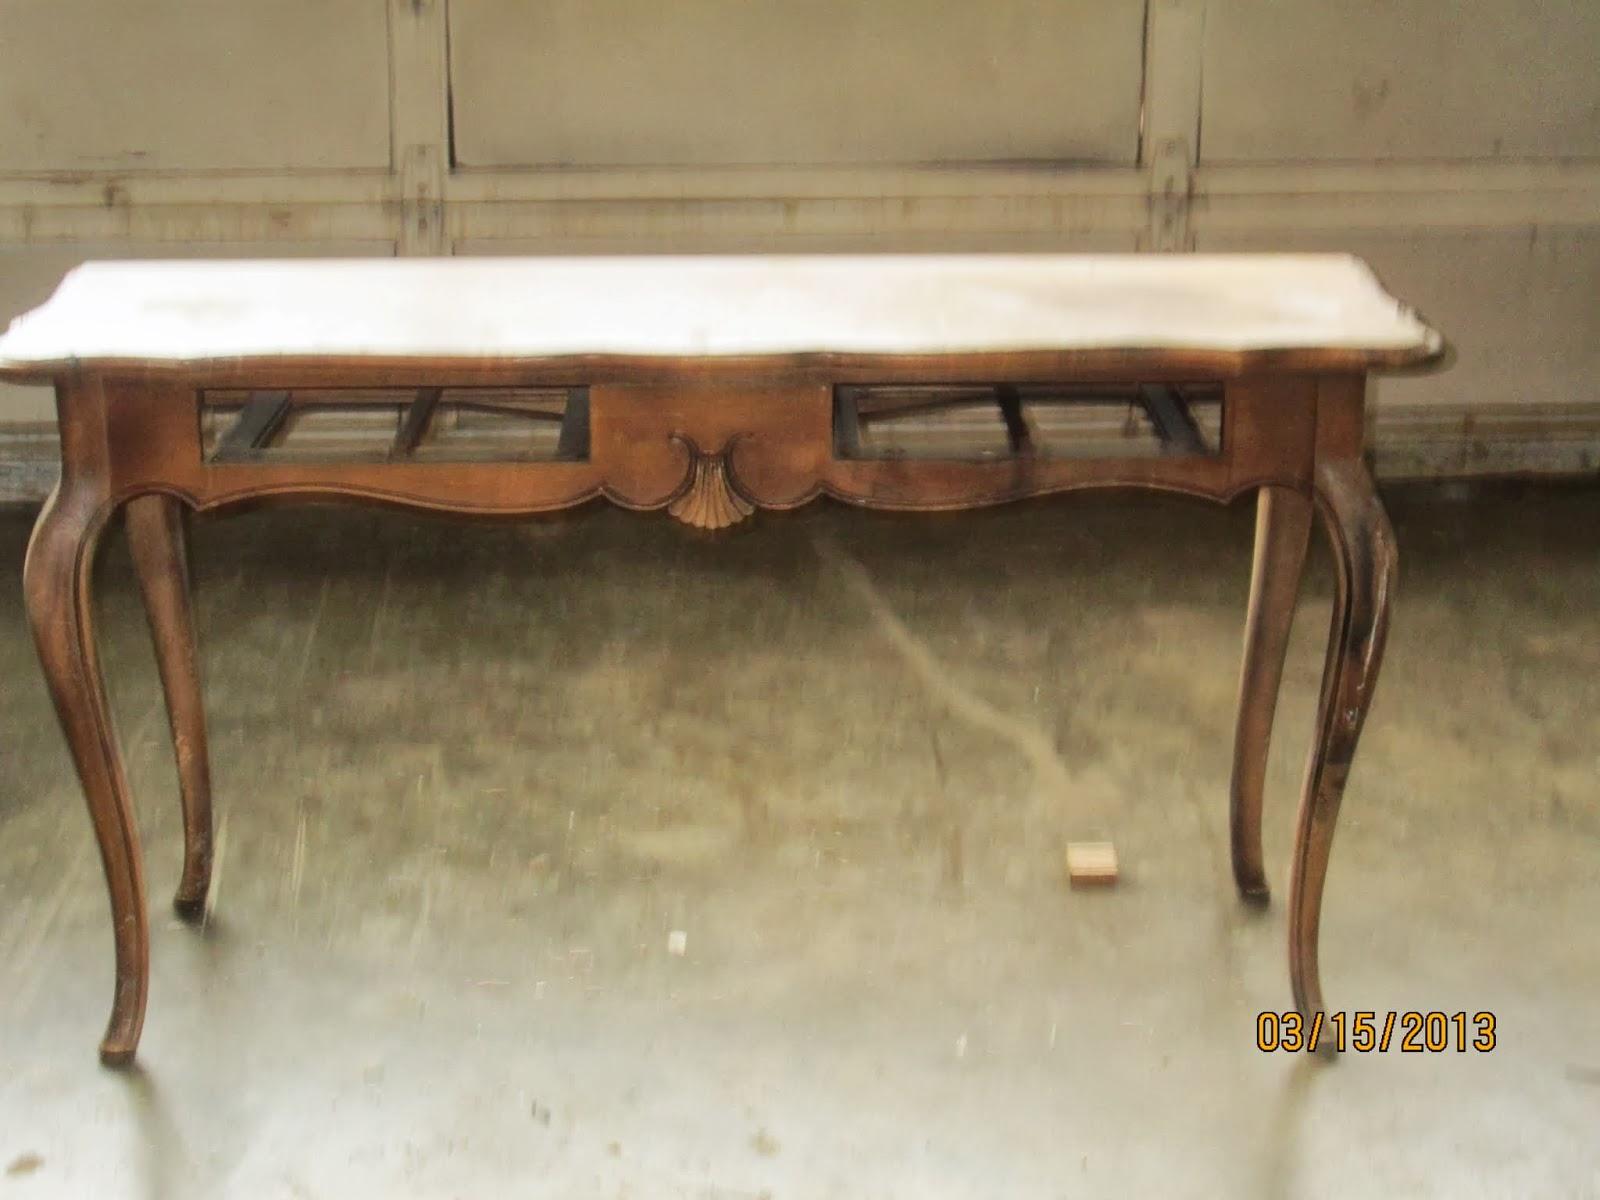 Barrow Sofa Table Burgundy Leather Sleeper Ethan Allen Tables Used 89 95